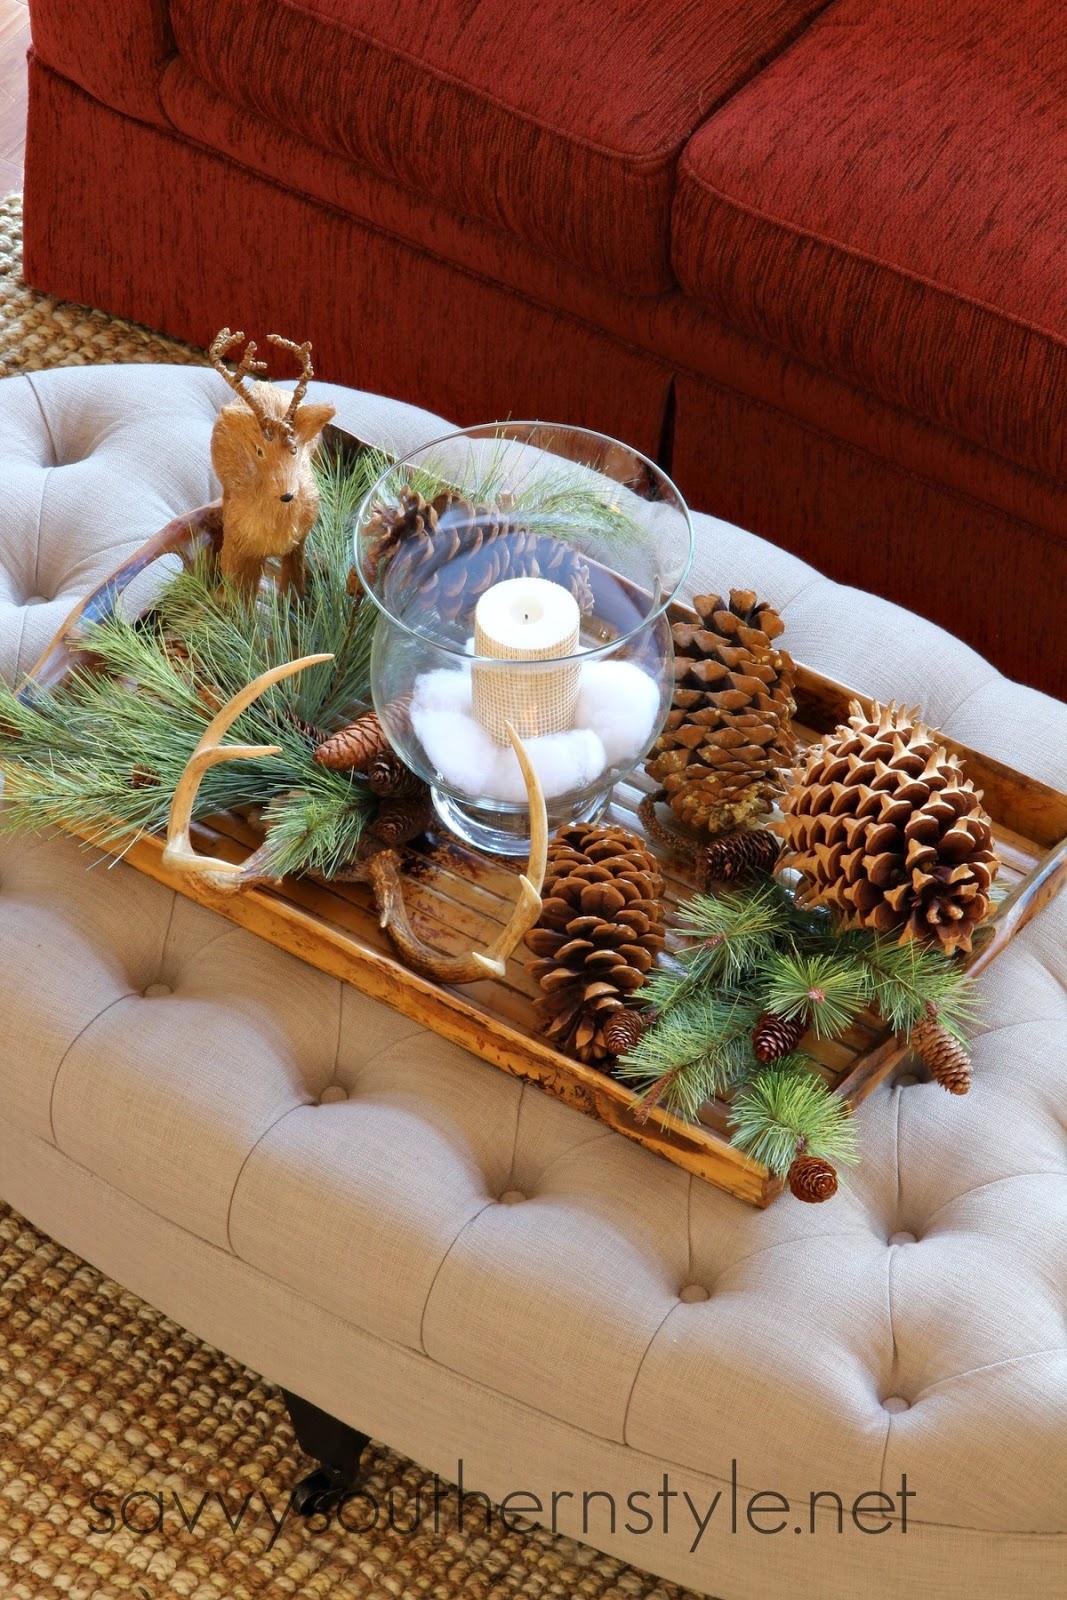 Savvy Southern Style Festive Tabletop Ideas